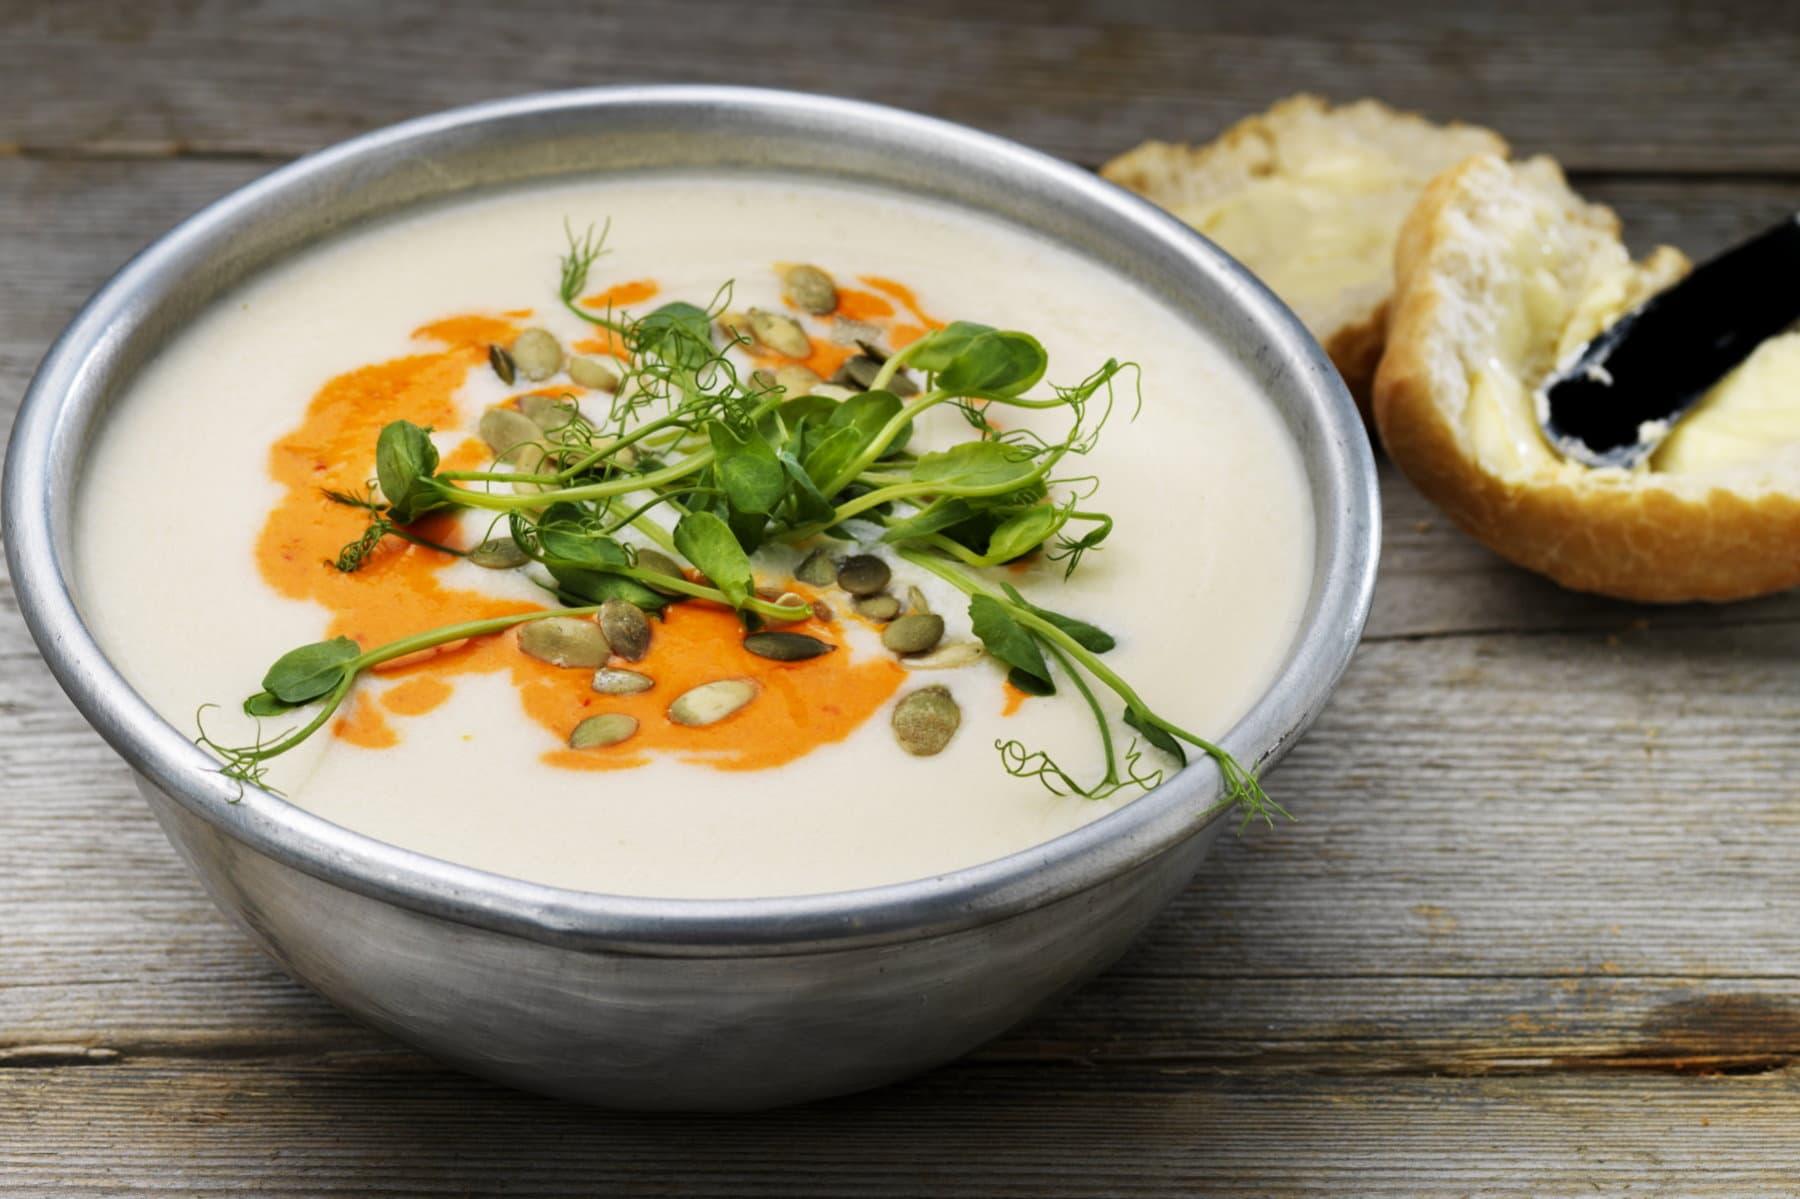 Suppen Gemüsepüree Blumenkohl Bestcon snackconnection